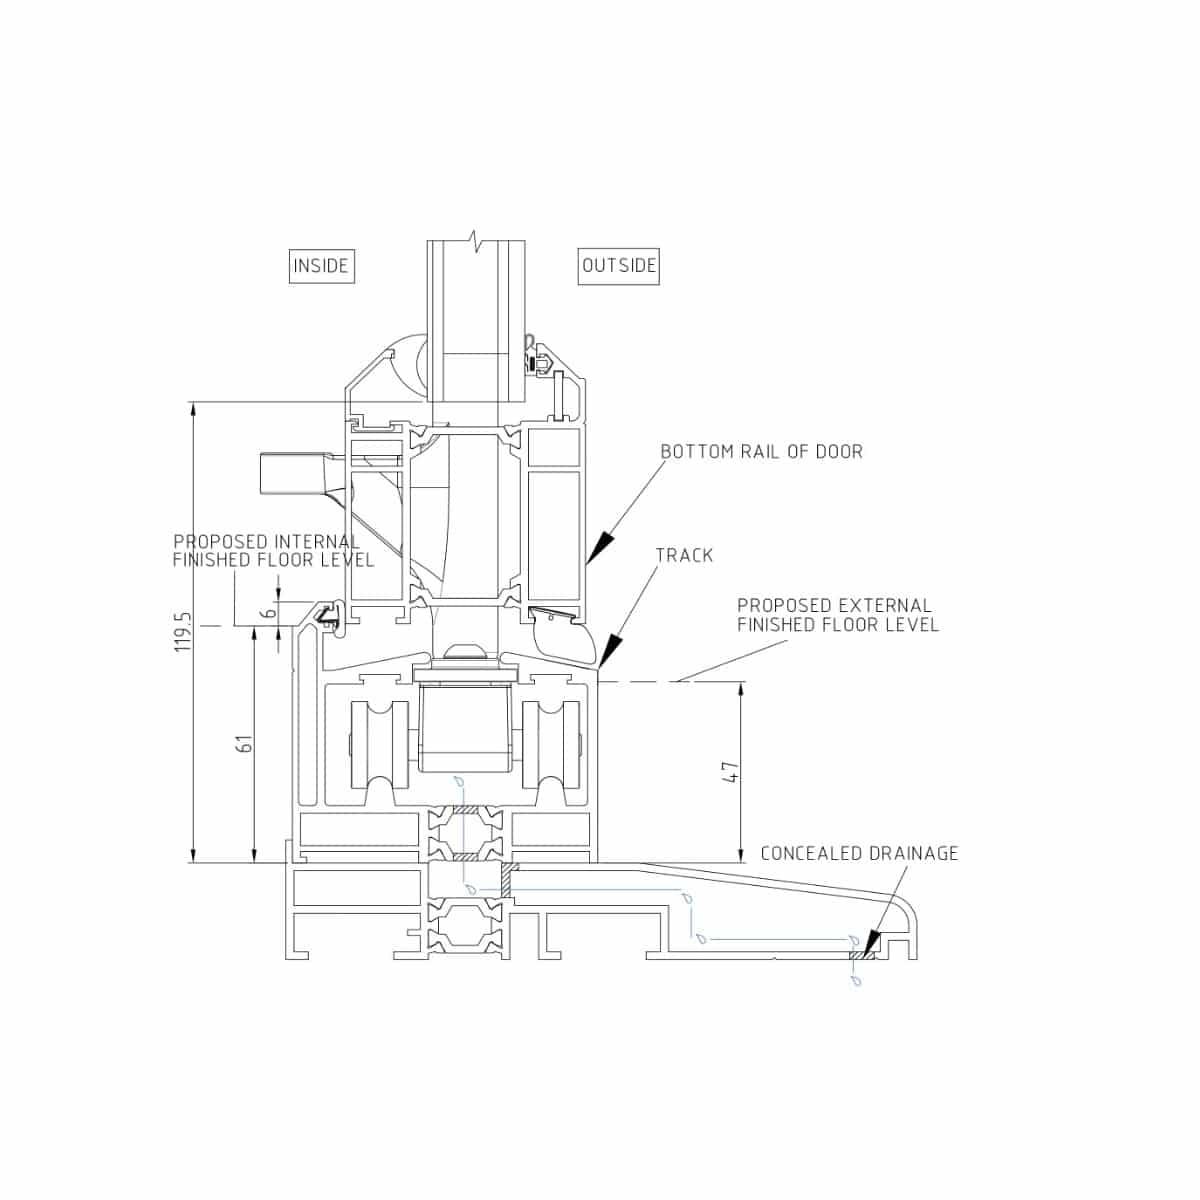 Origin Bi Folding Door Supplier And Installer Tws Plastics